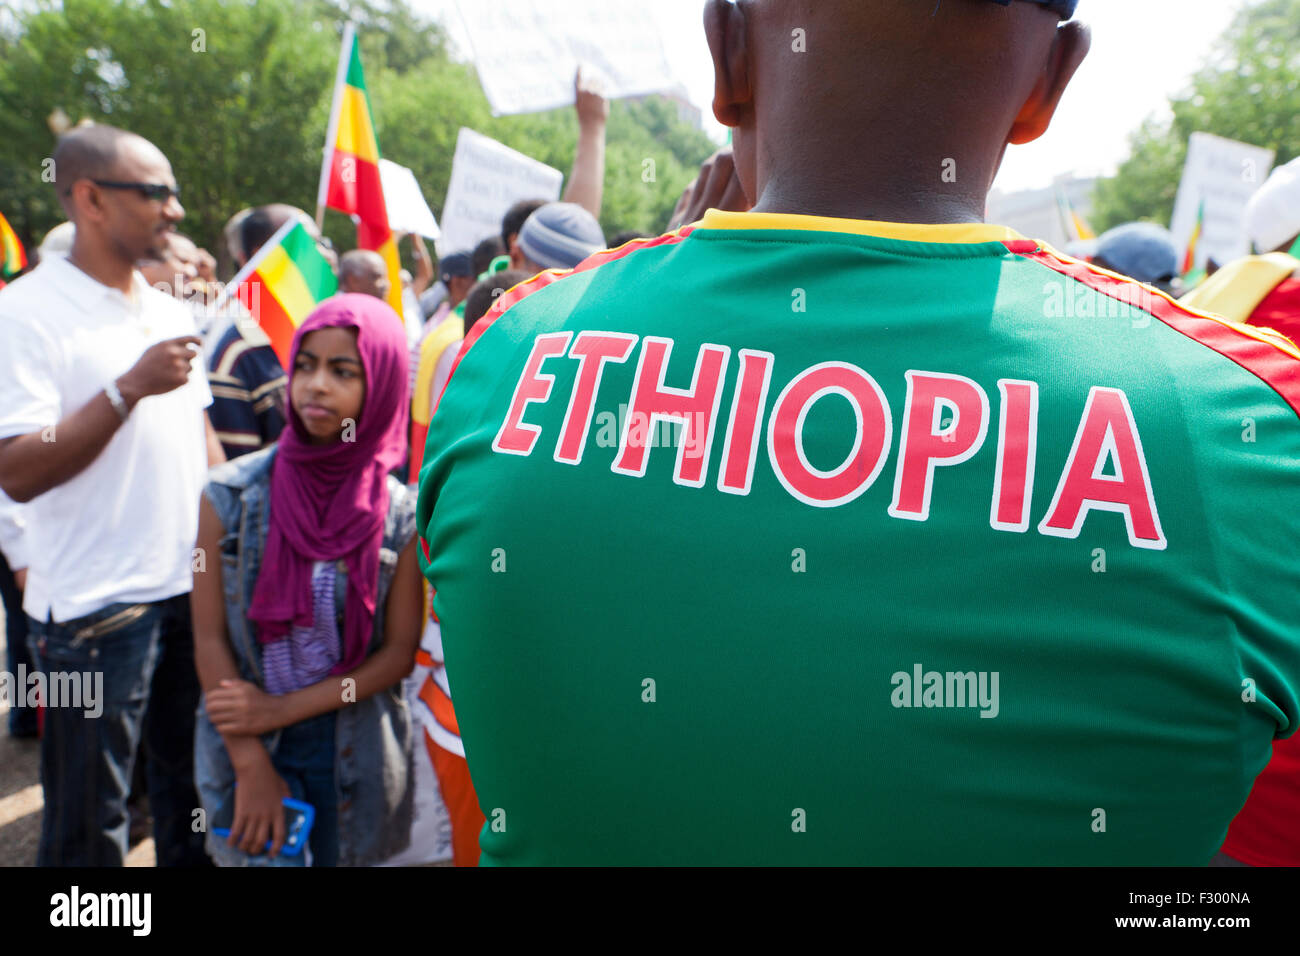 Man wearing Ethiopia soccer jersey  - USA - Stock Image